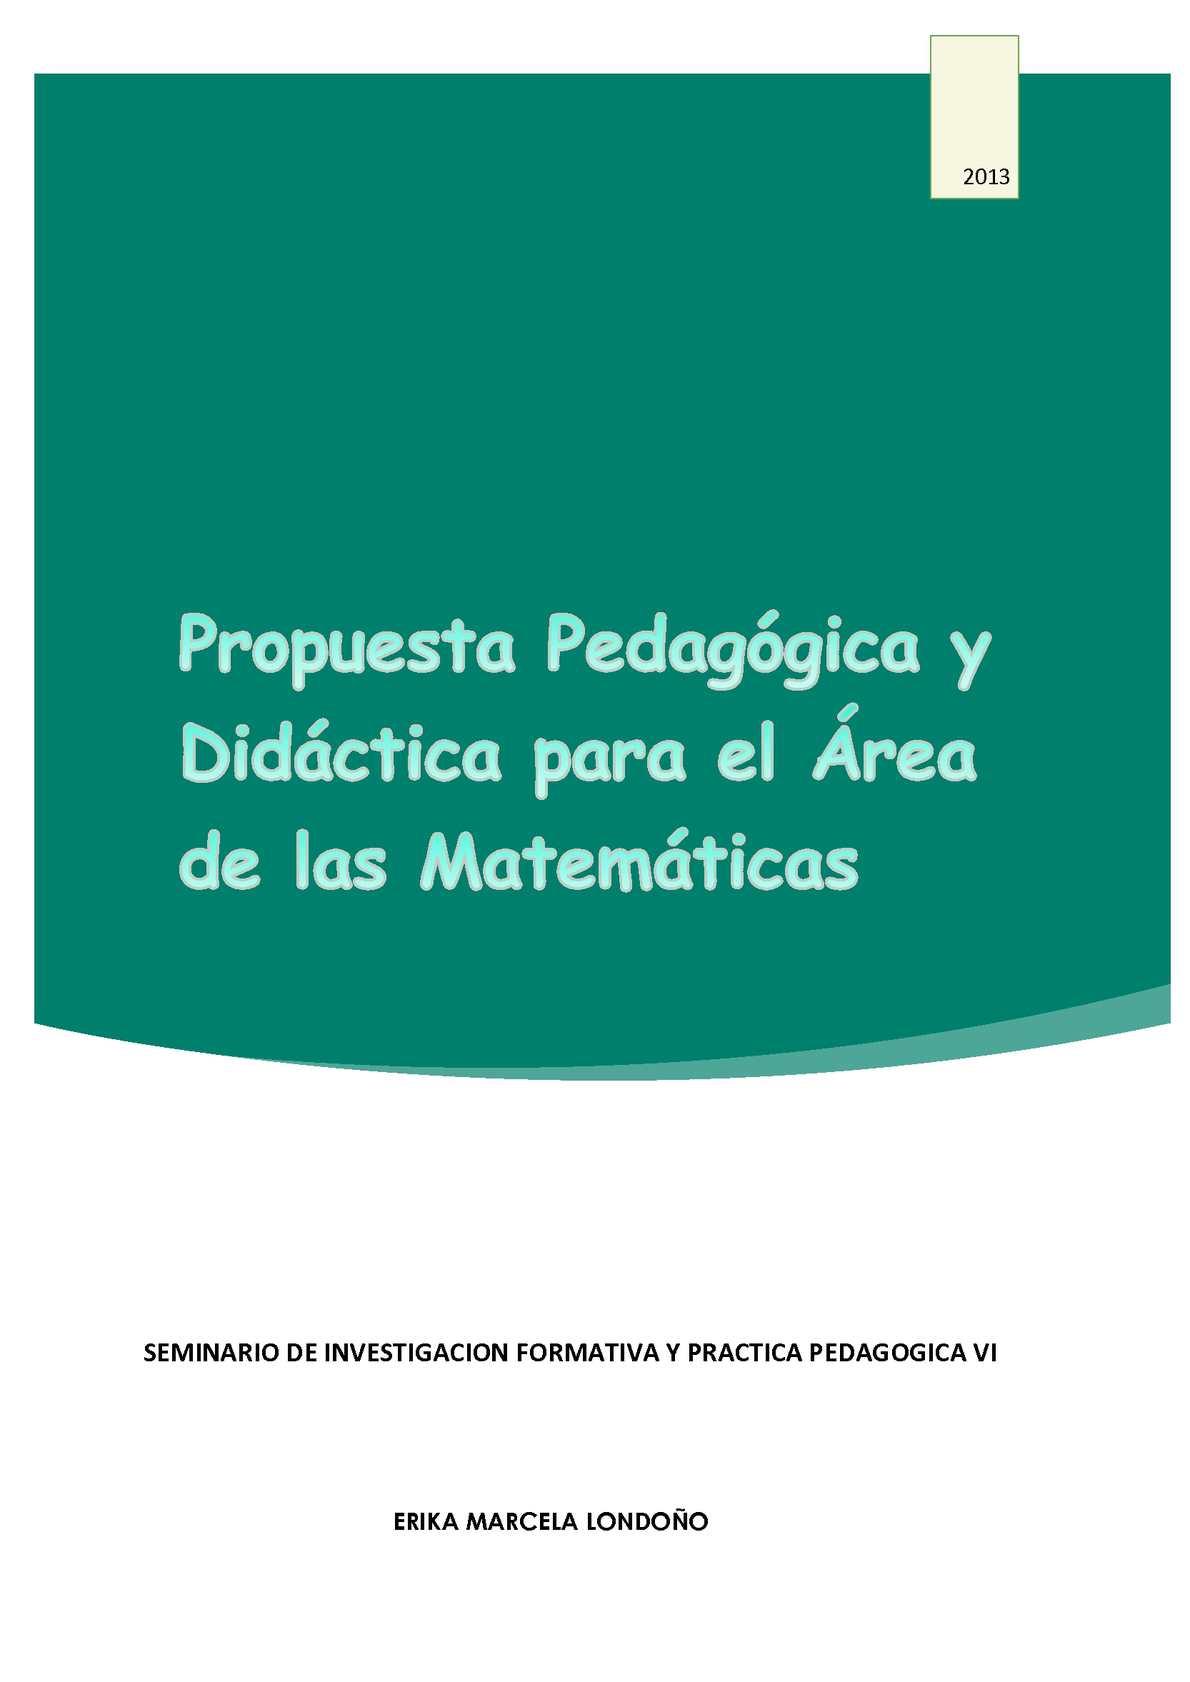 propuesta pedagogica y didactica para las matematicas